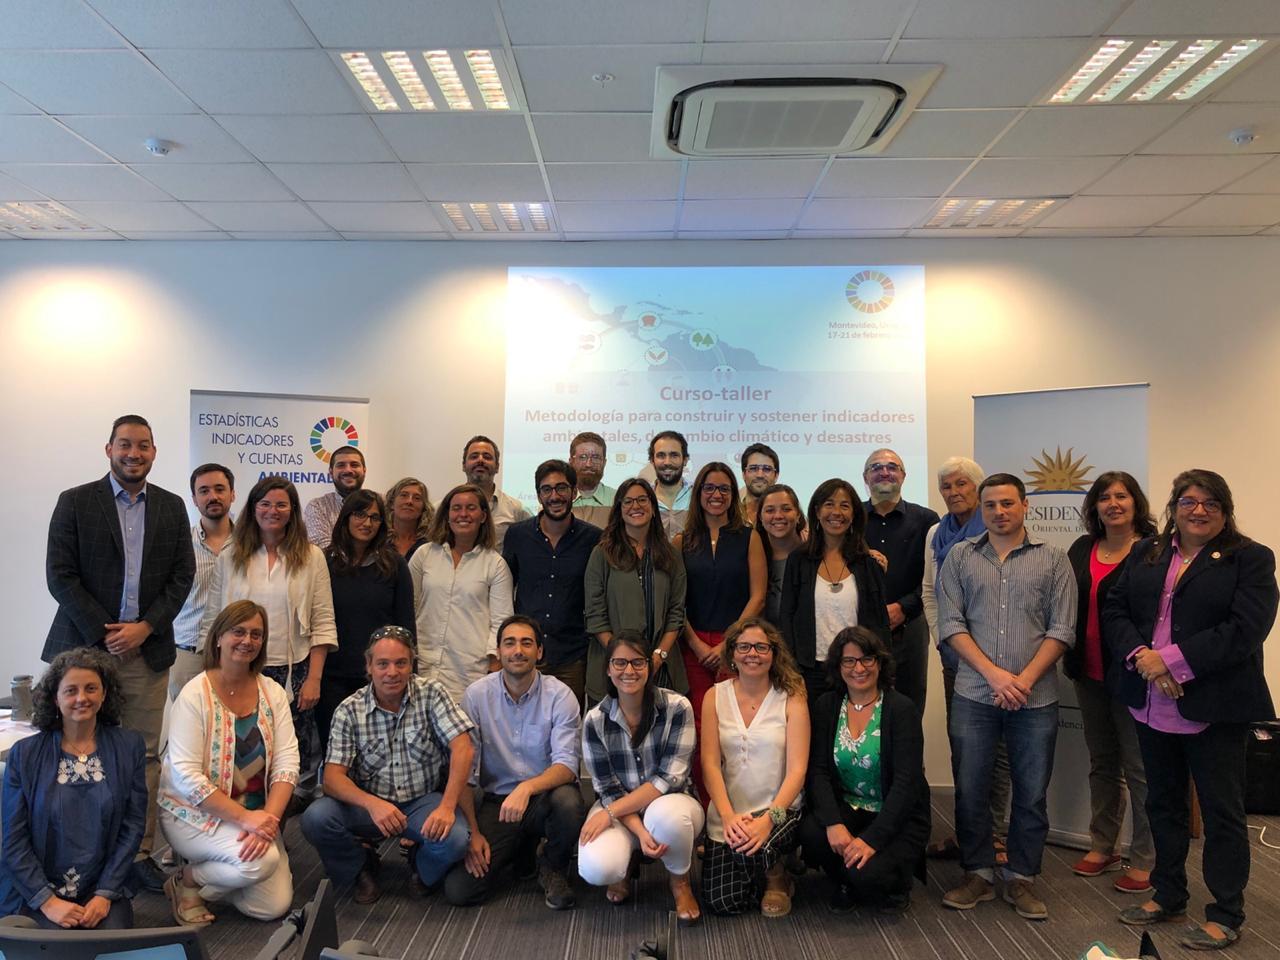 construccion-indicadores-ambientales-climatico-desastres-Uruguay